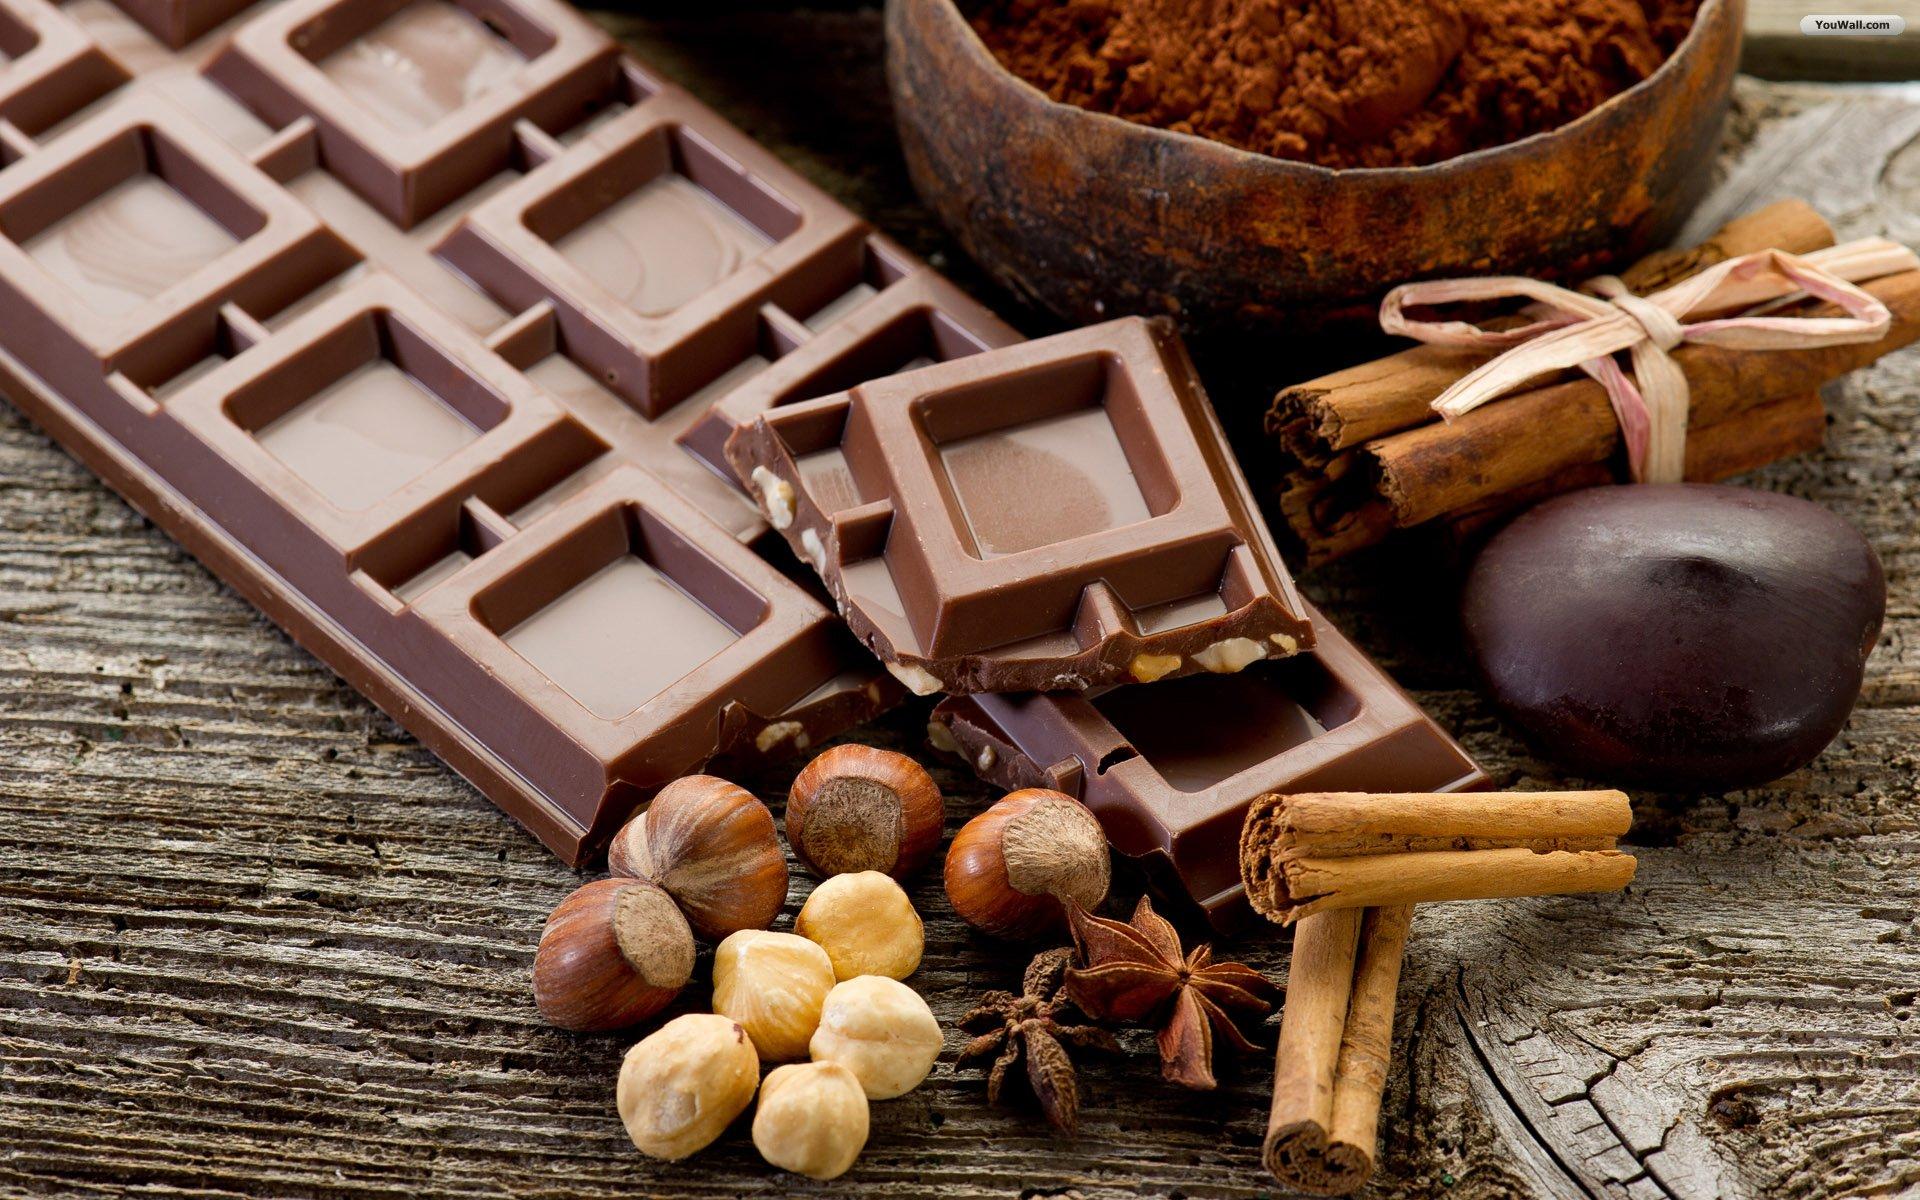 Ko iesākt ar šokolādes krājumiem pēc svētkiem